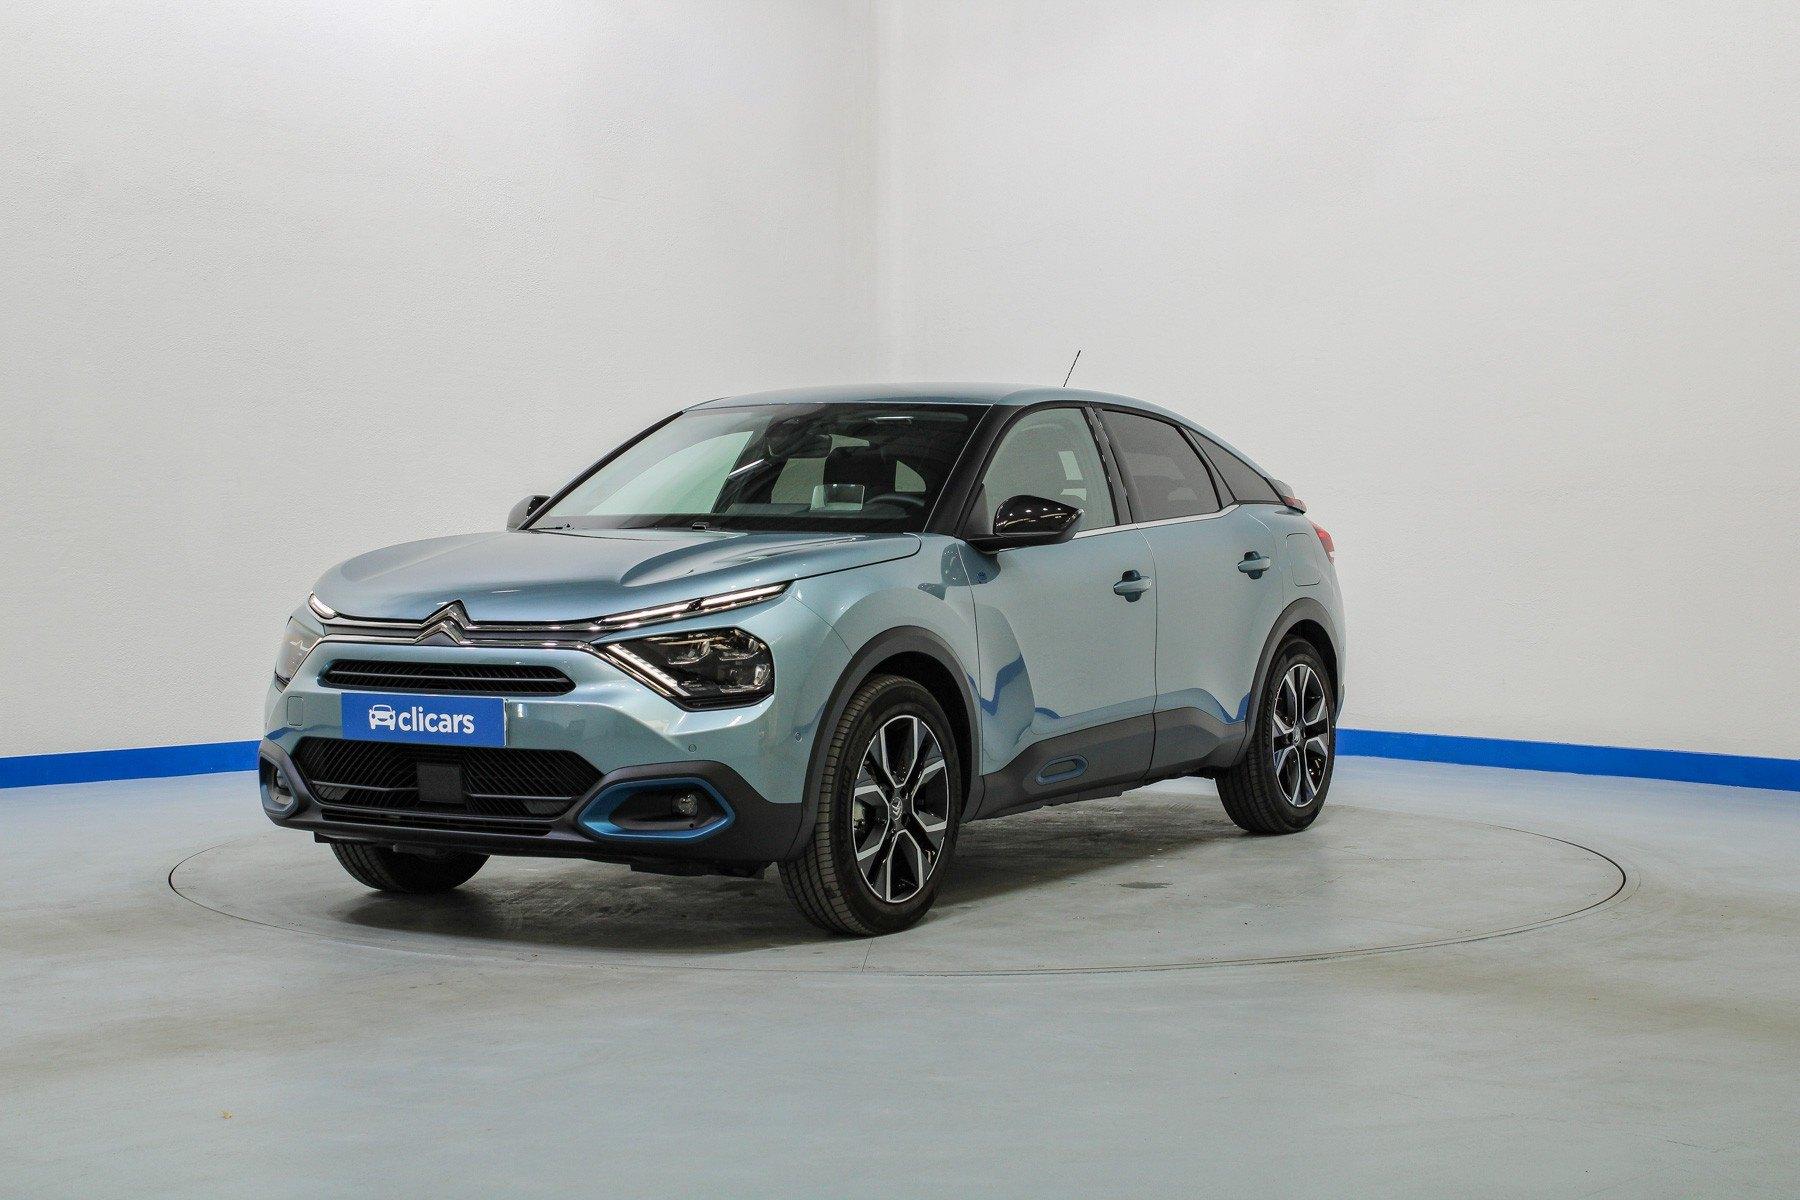 Citroën ë-C4 Eléctrico ë-C4 eléctrico 100kW Shine 1